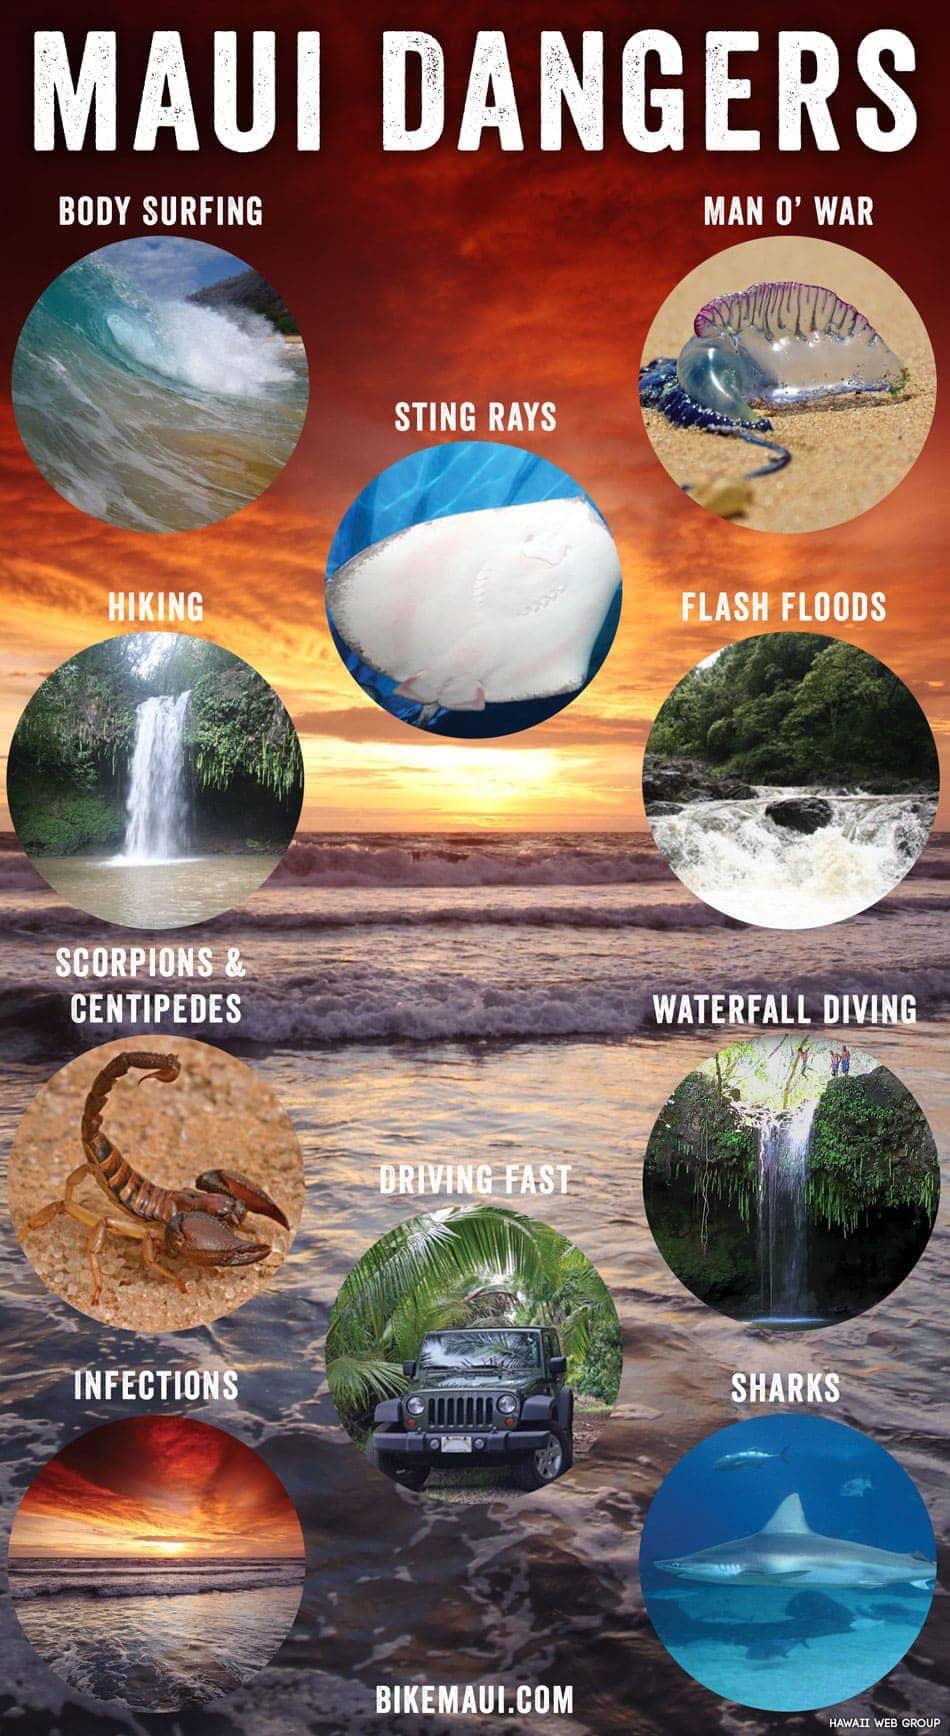 Maui dangers